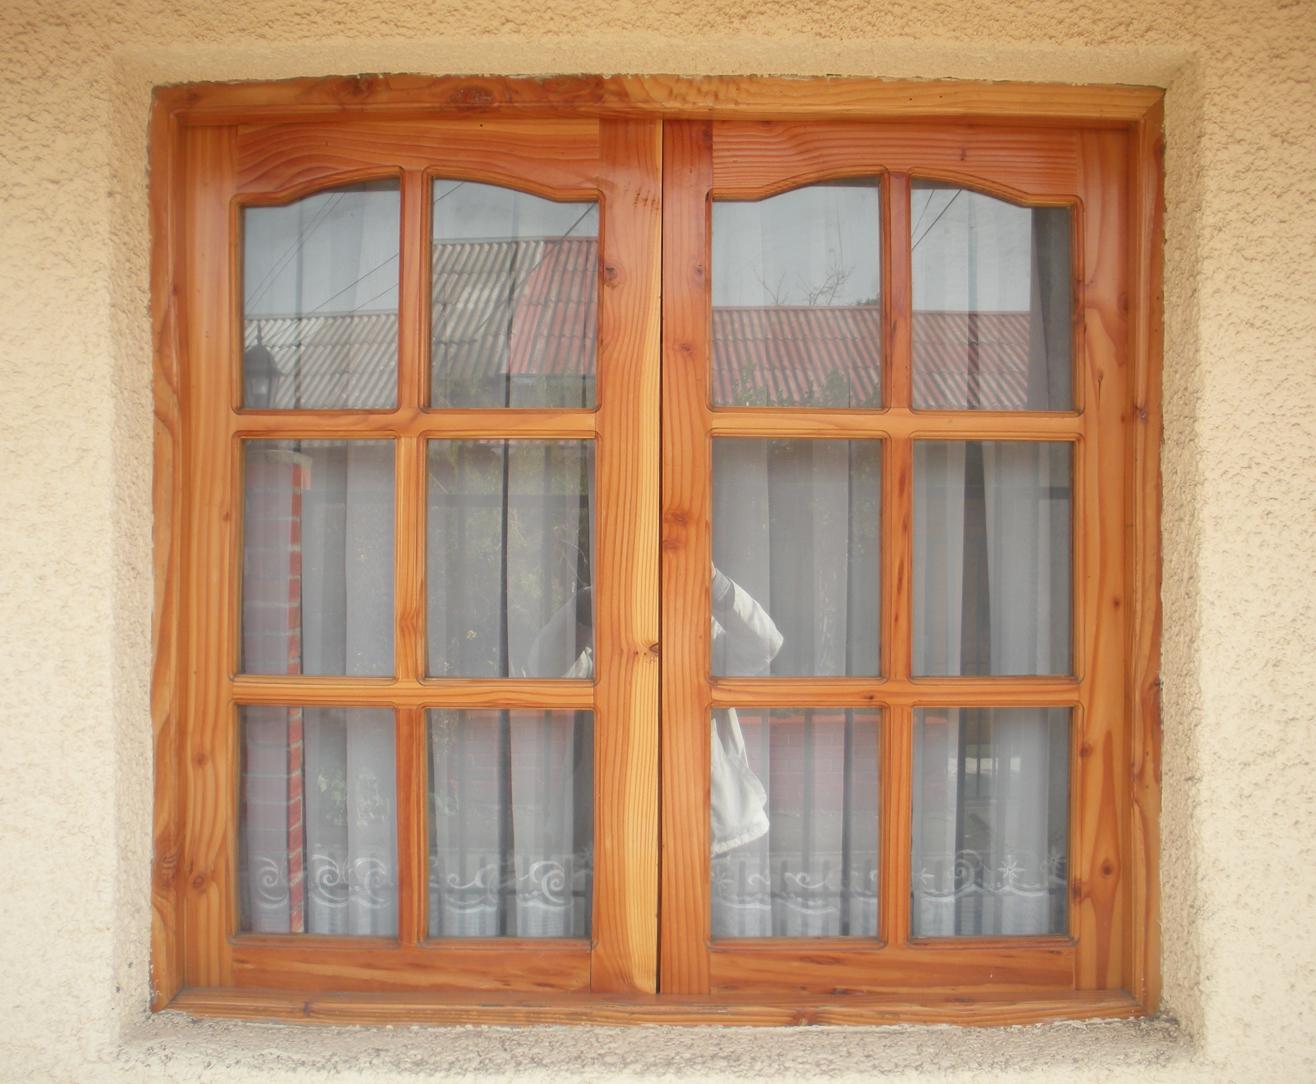 Maderas marabu ventana exterior for Ventanas en madera para interiores